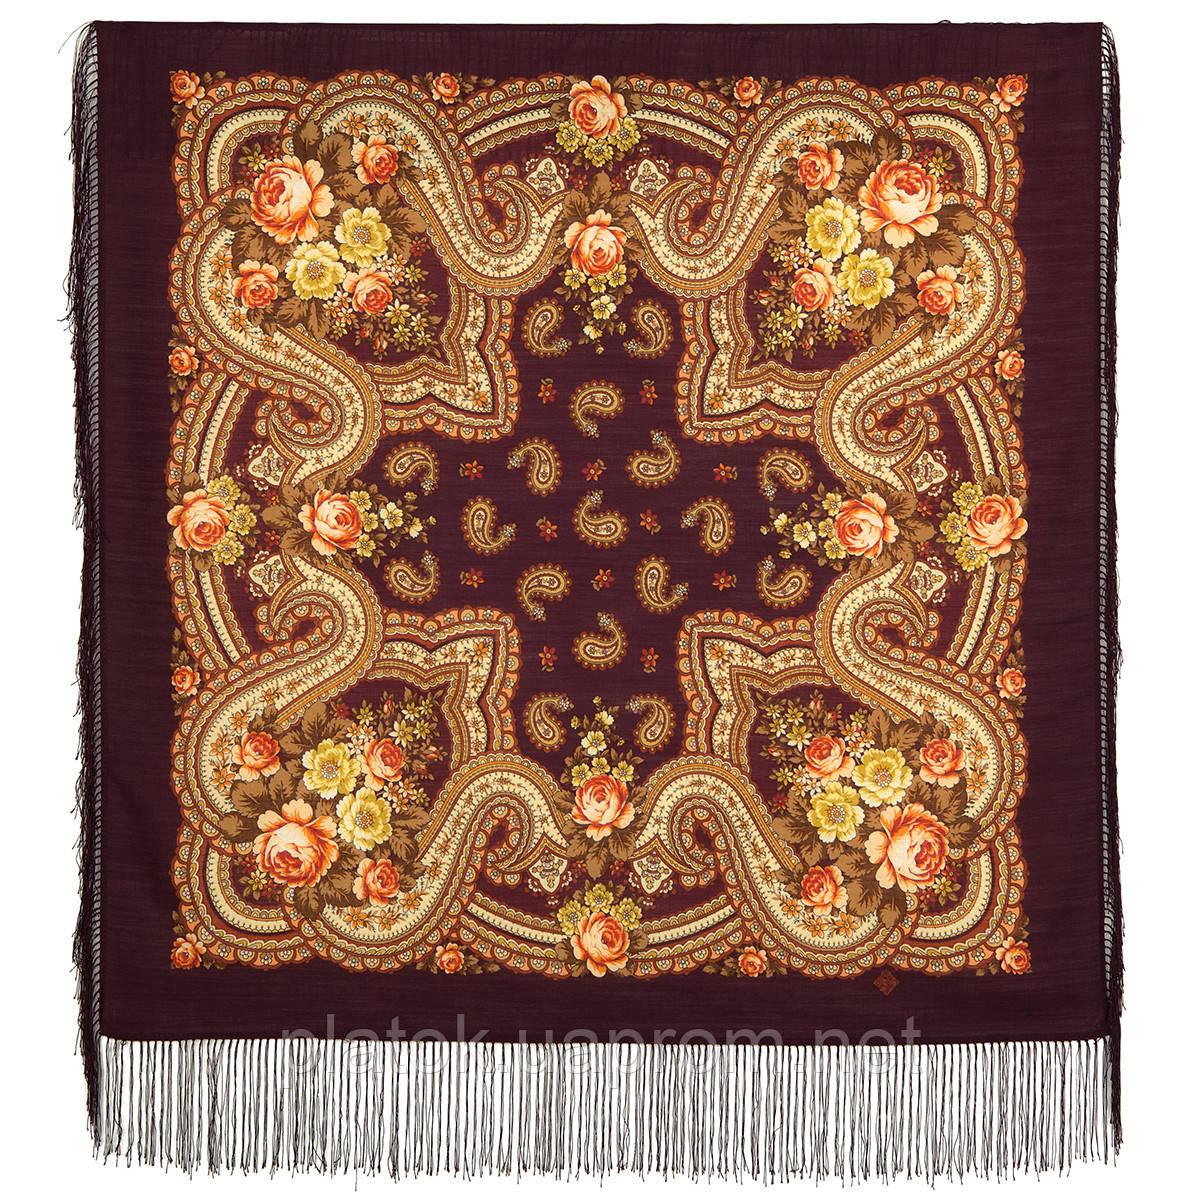 На крыльях памяти 1843-17, павлопосадский платок шерстяной  с шелковой бахромой